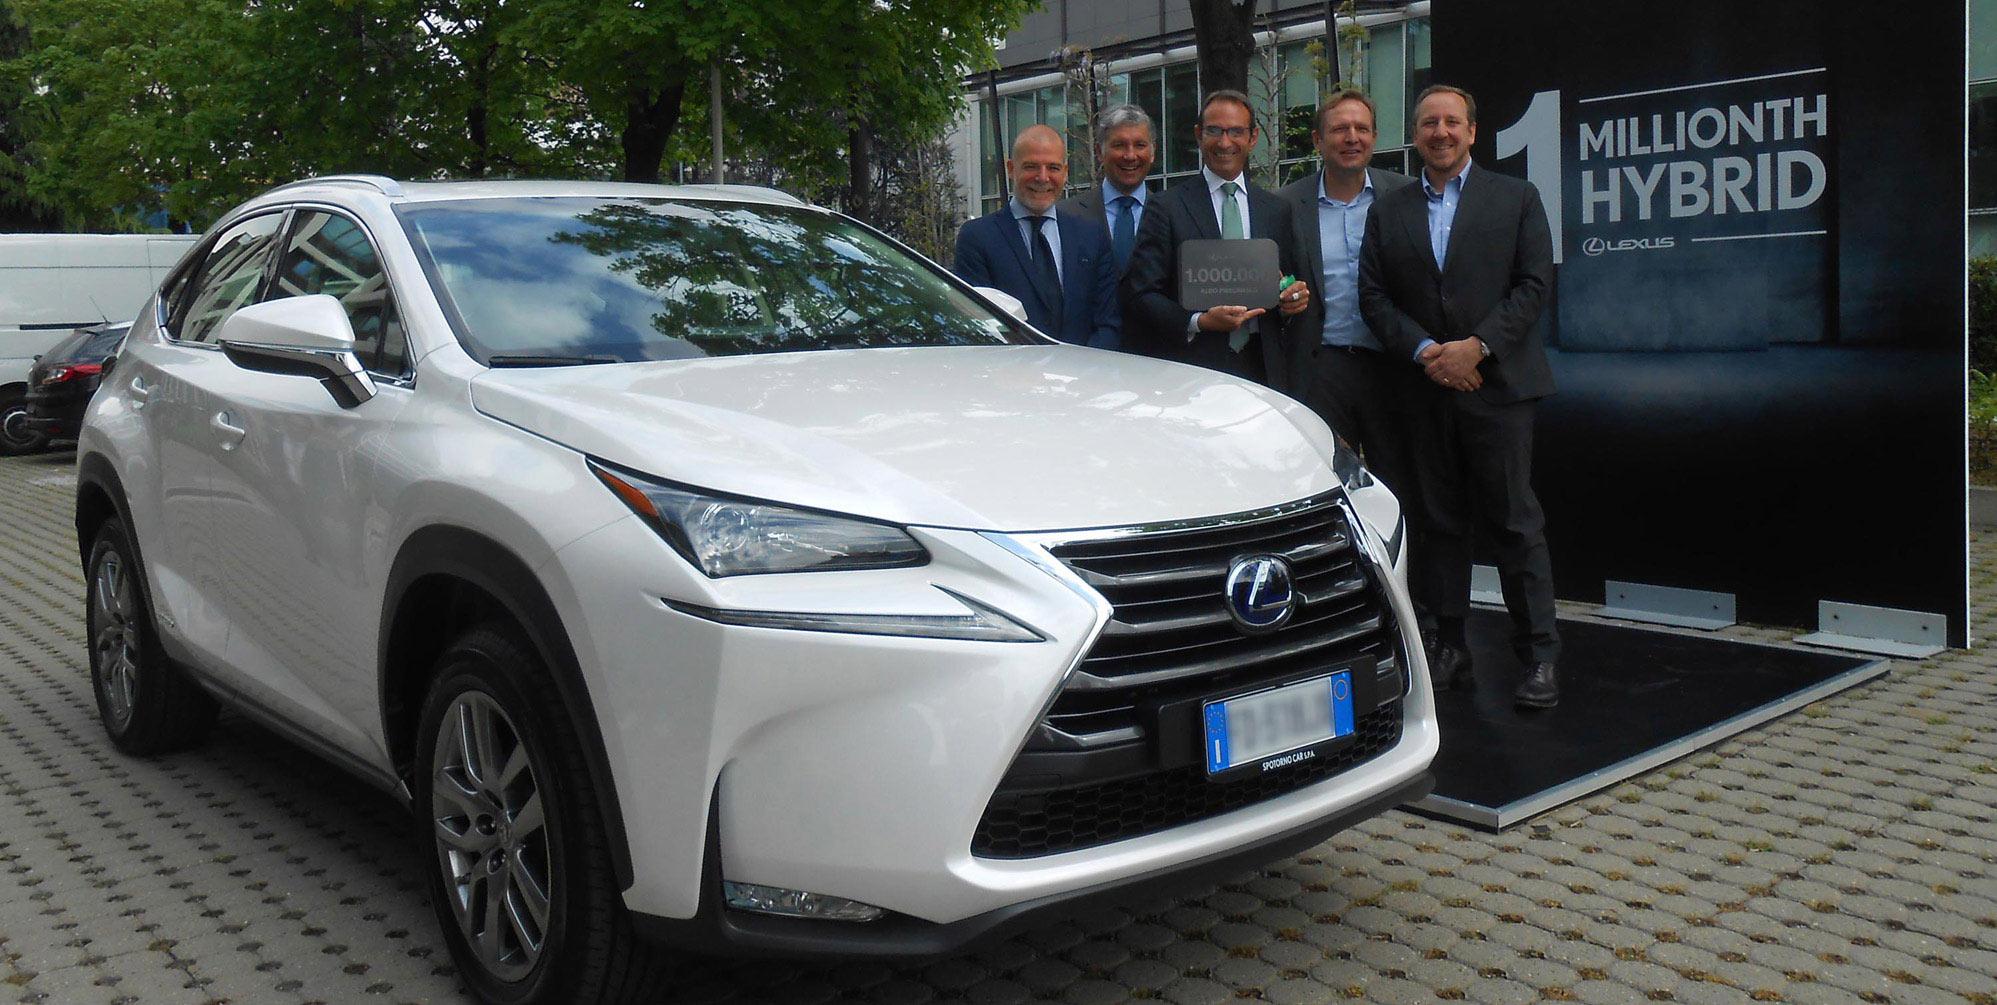 Lexus NX 1 milyonuncu hibrit